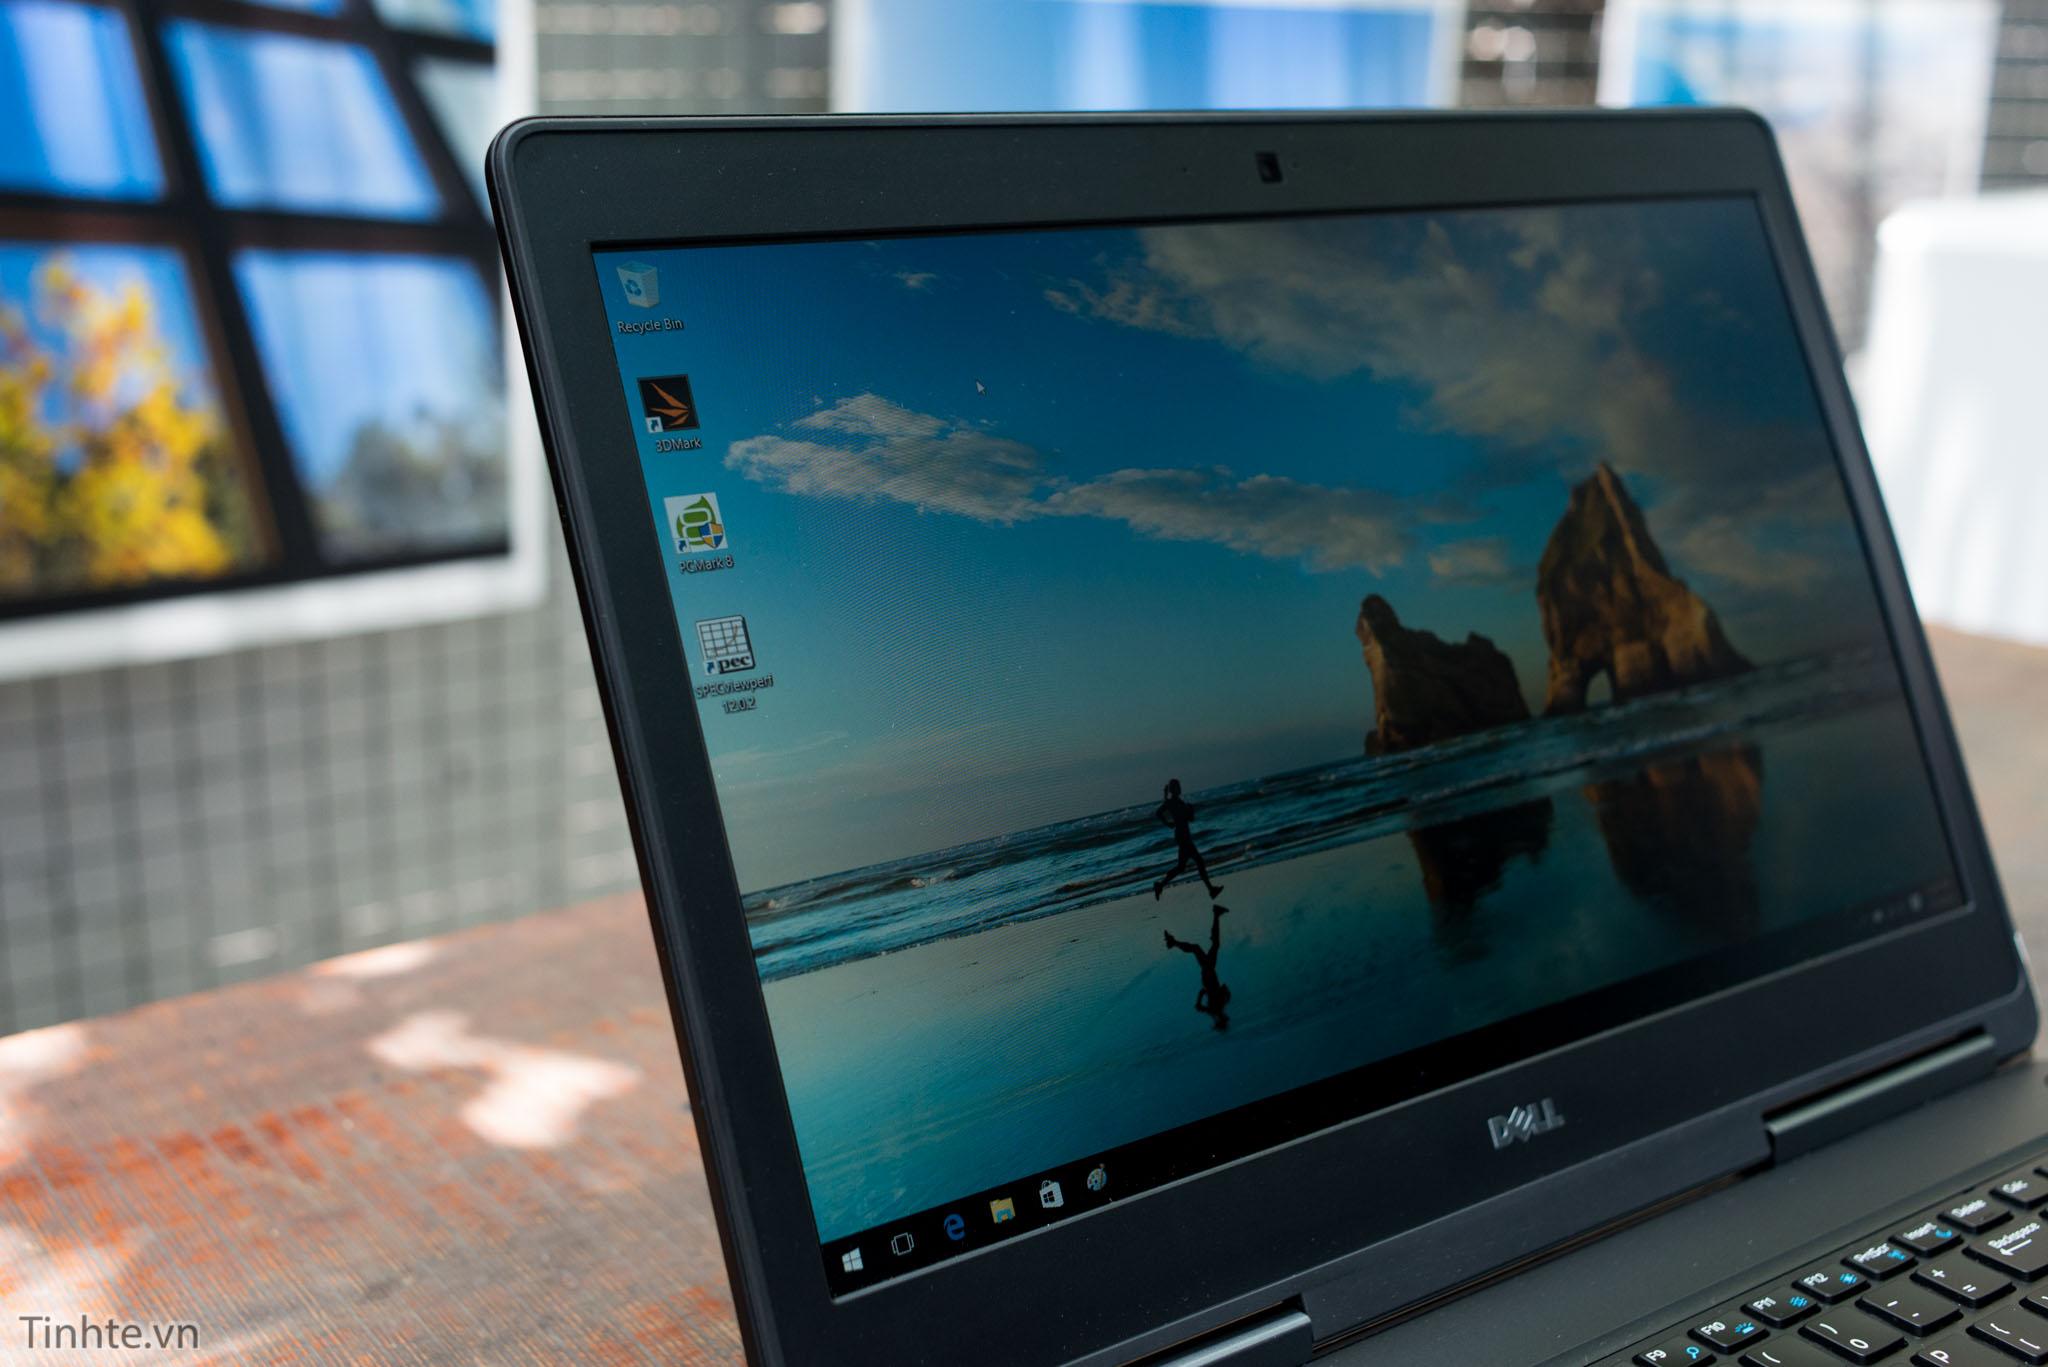 Đang tải Dell 7510_tinhte.vn 9.jpg…